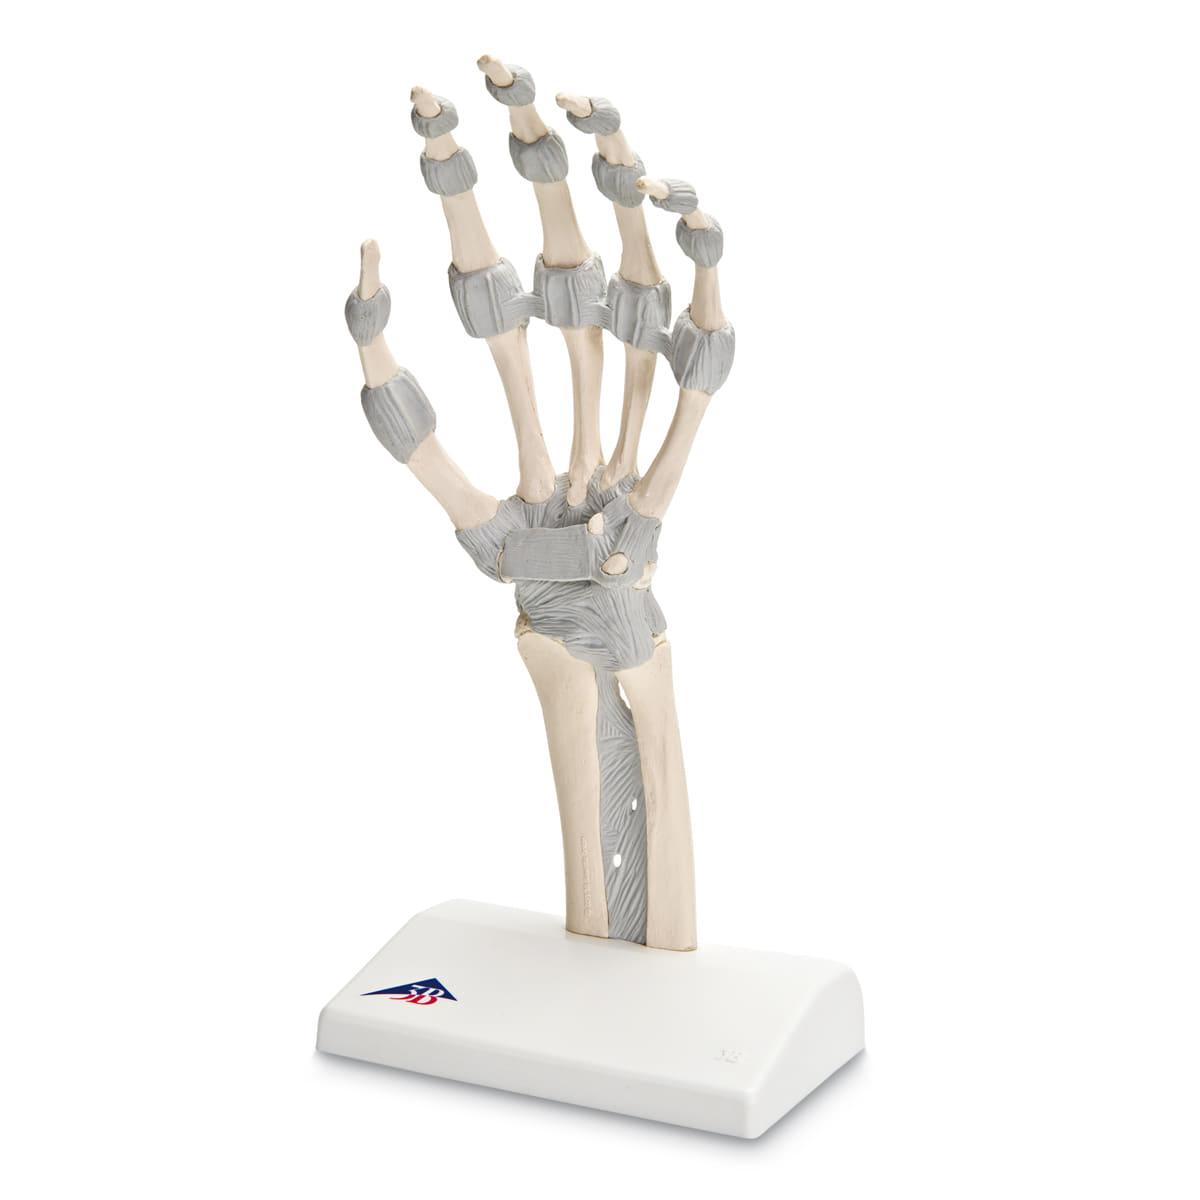 [3B] M36 손모형 손의인대 해부학적구조 모형 /Hand skeleton with elastic ligaments